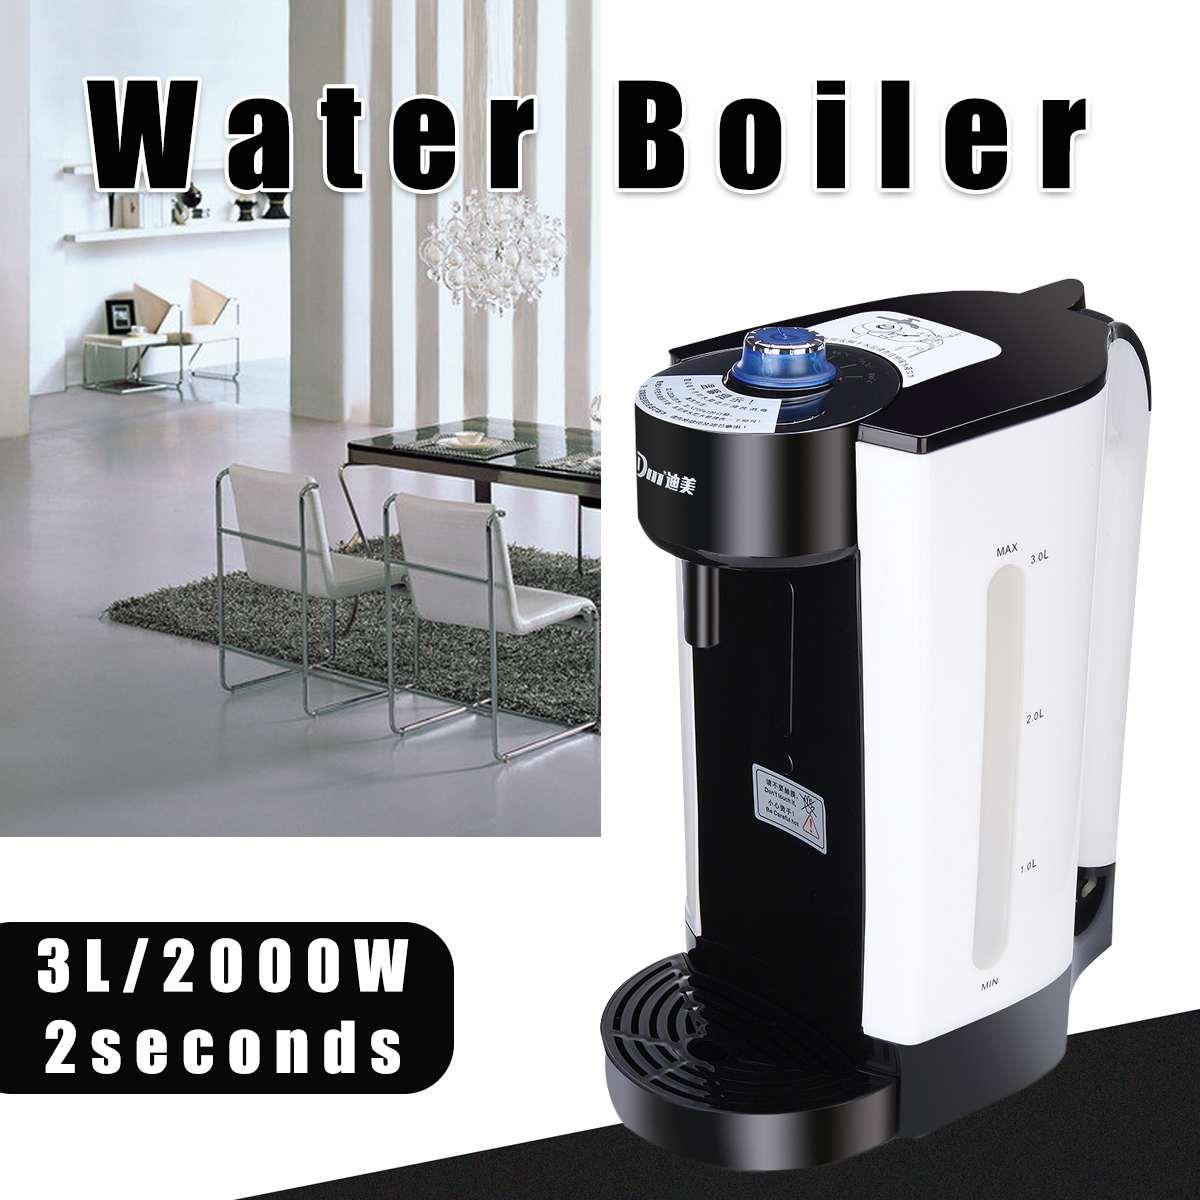 220V 3L instantané bouilloire électrique chauffage automatique chaudière thé cafetière eau bouillante distributeur Portable chauffage outil